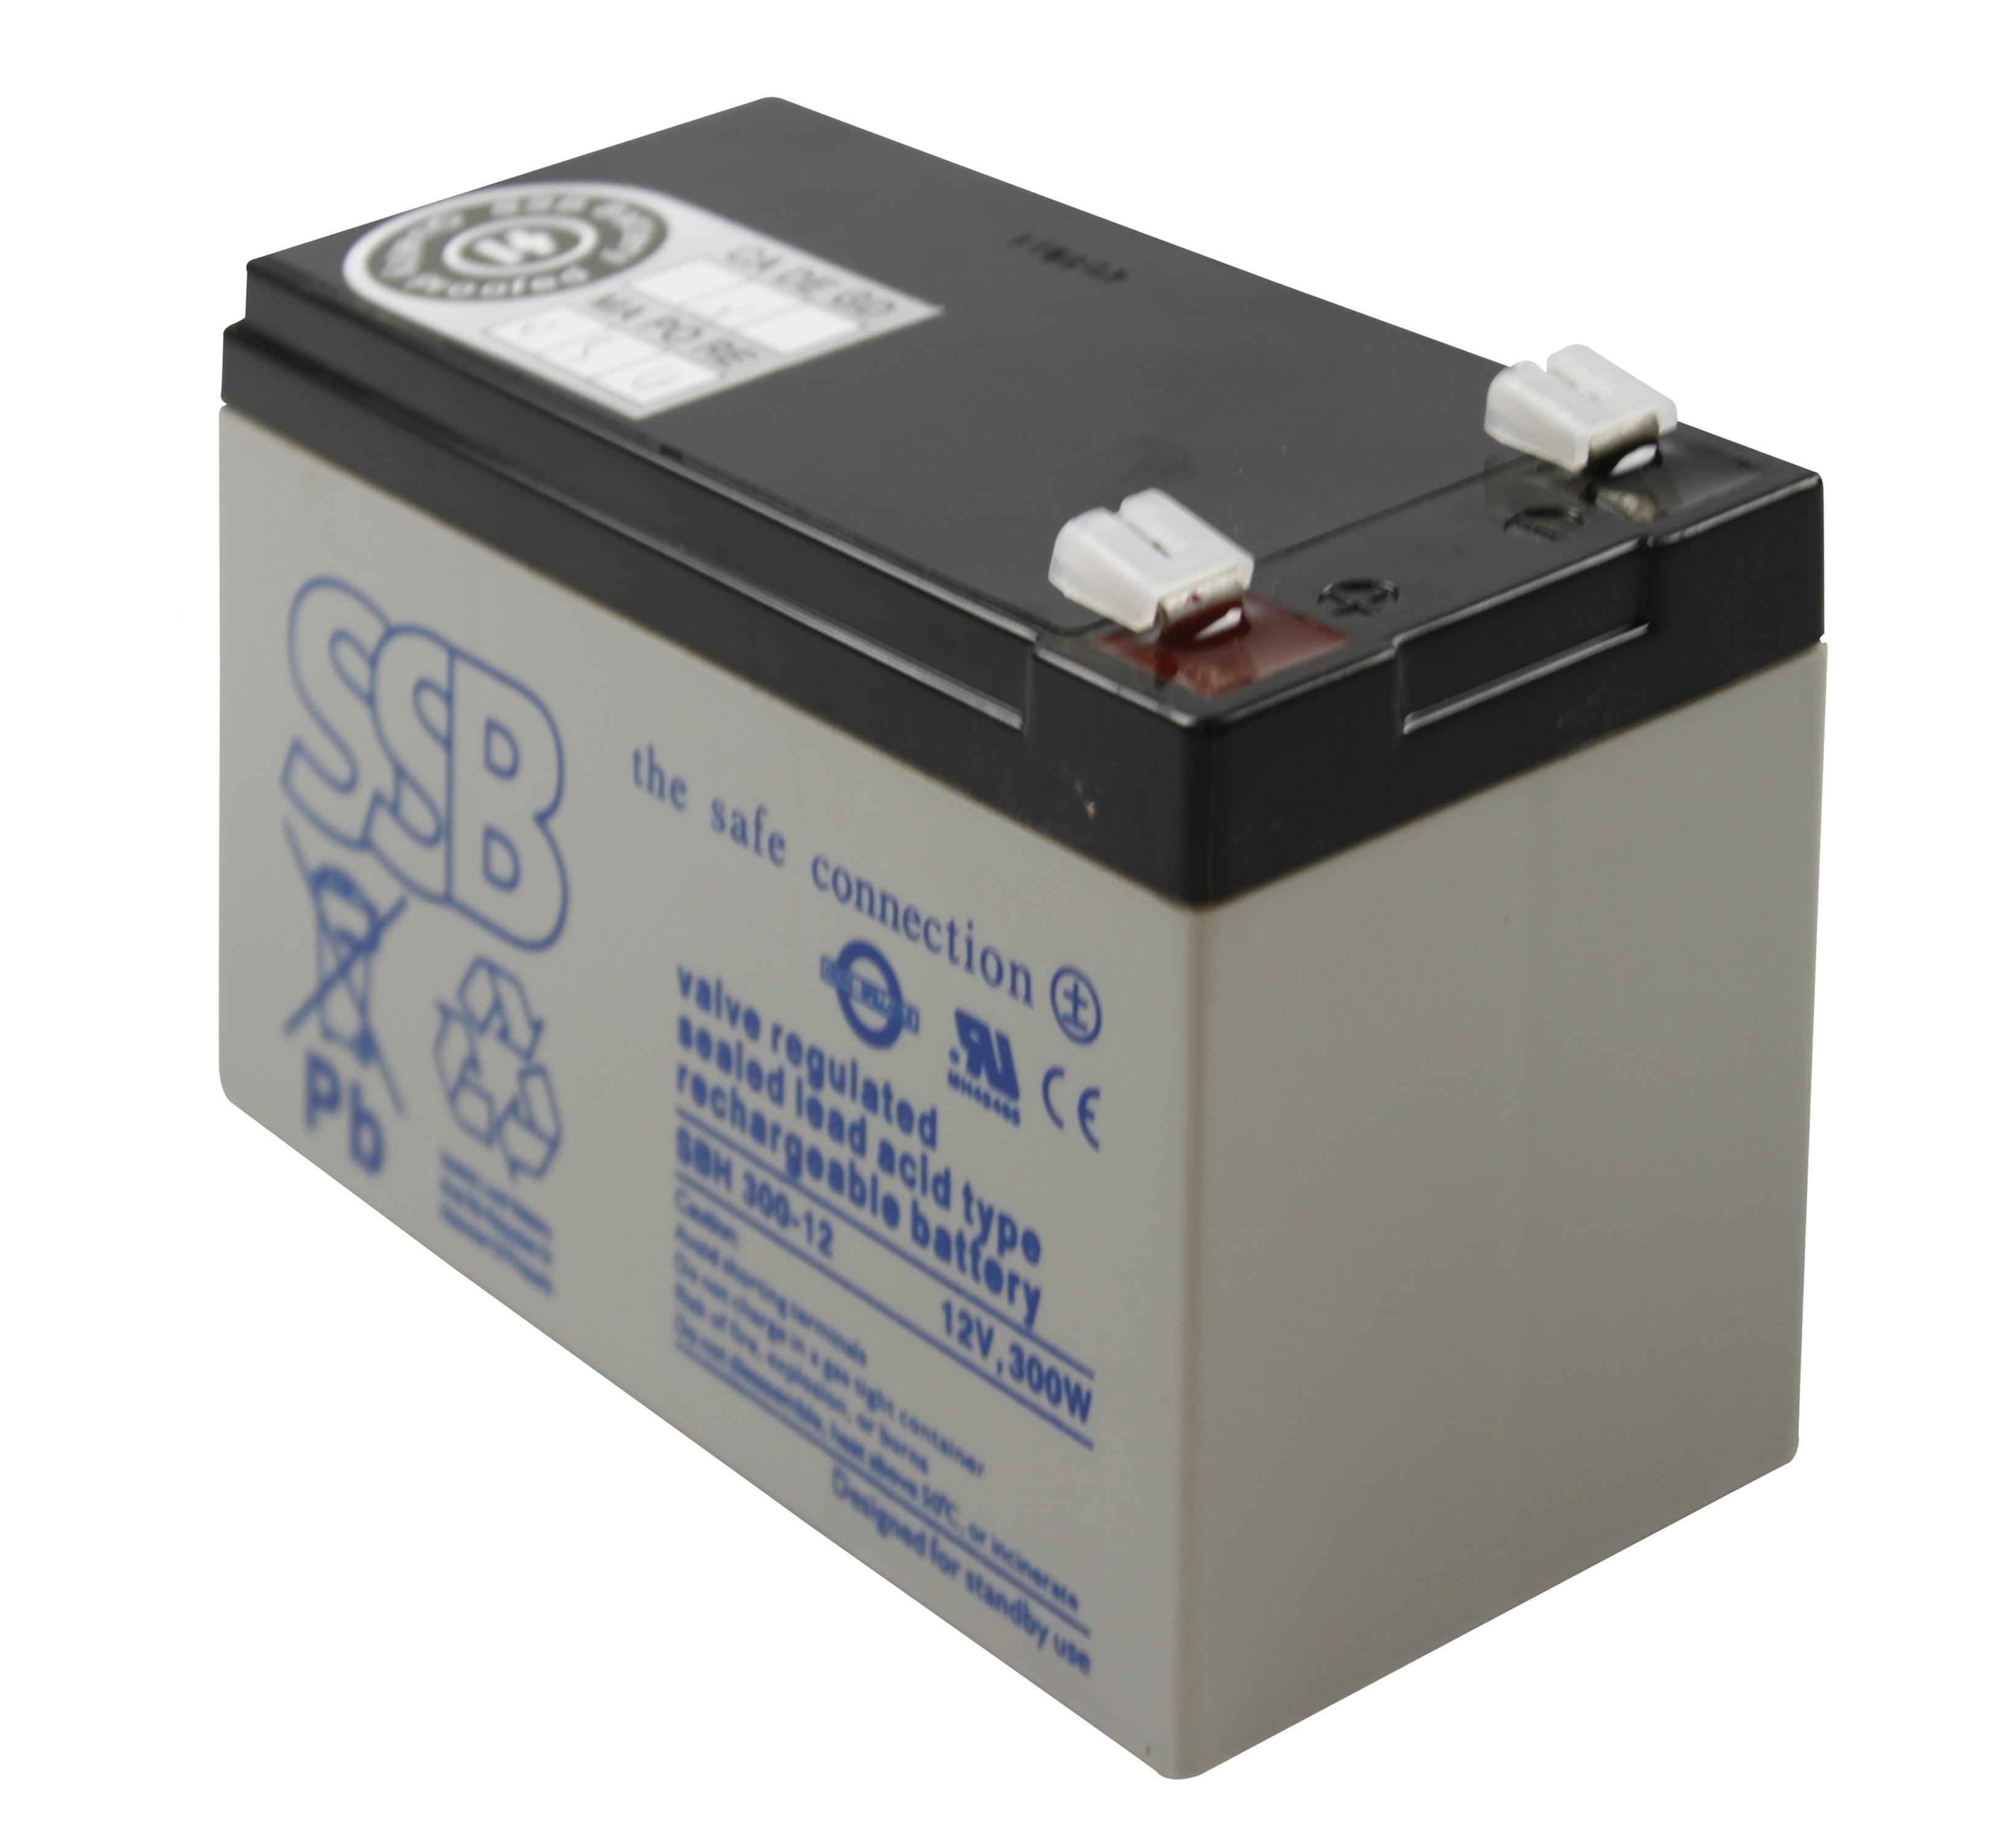 1 Stk Akku hochstromfähig 12V 300W für SIBE und USV Anwendungen OYSBH30012